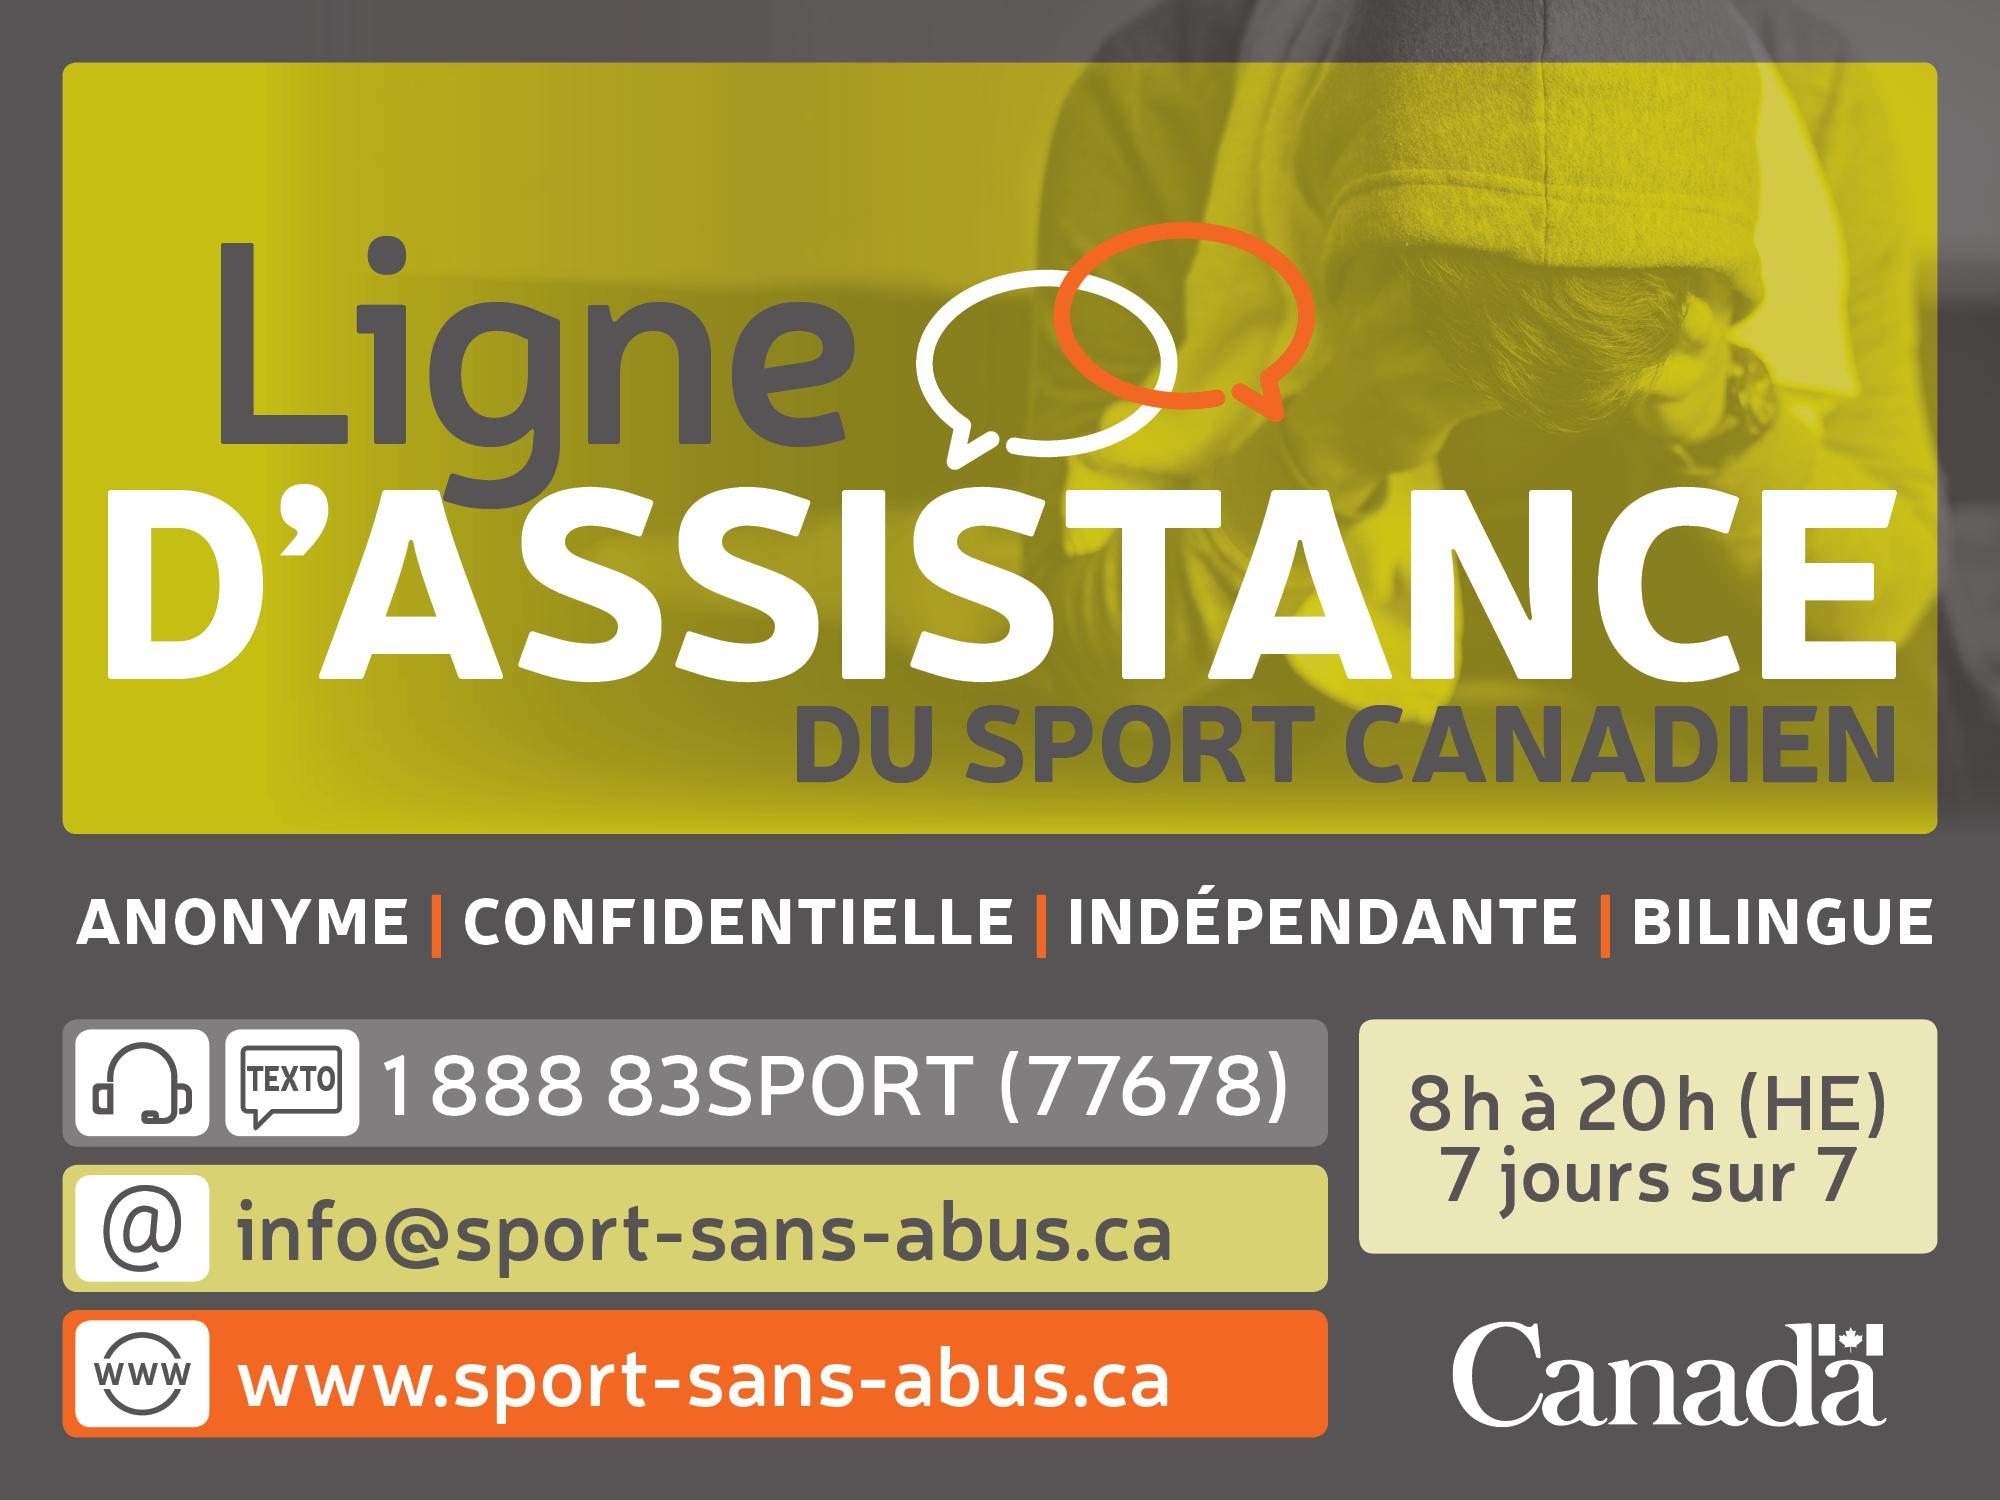 Ligne D'assistance du sport Canadien